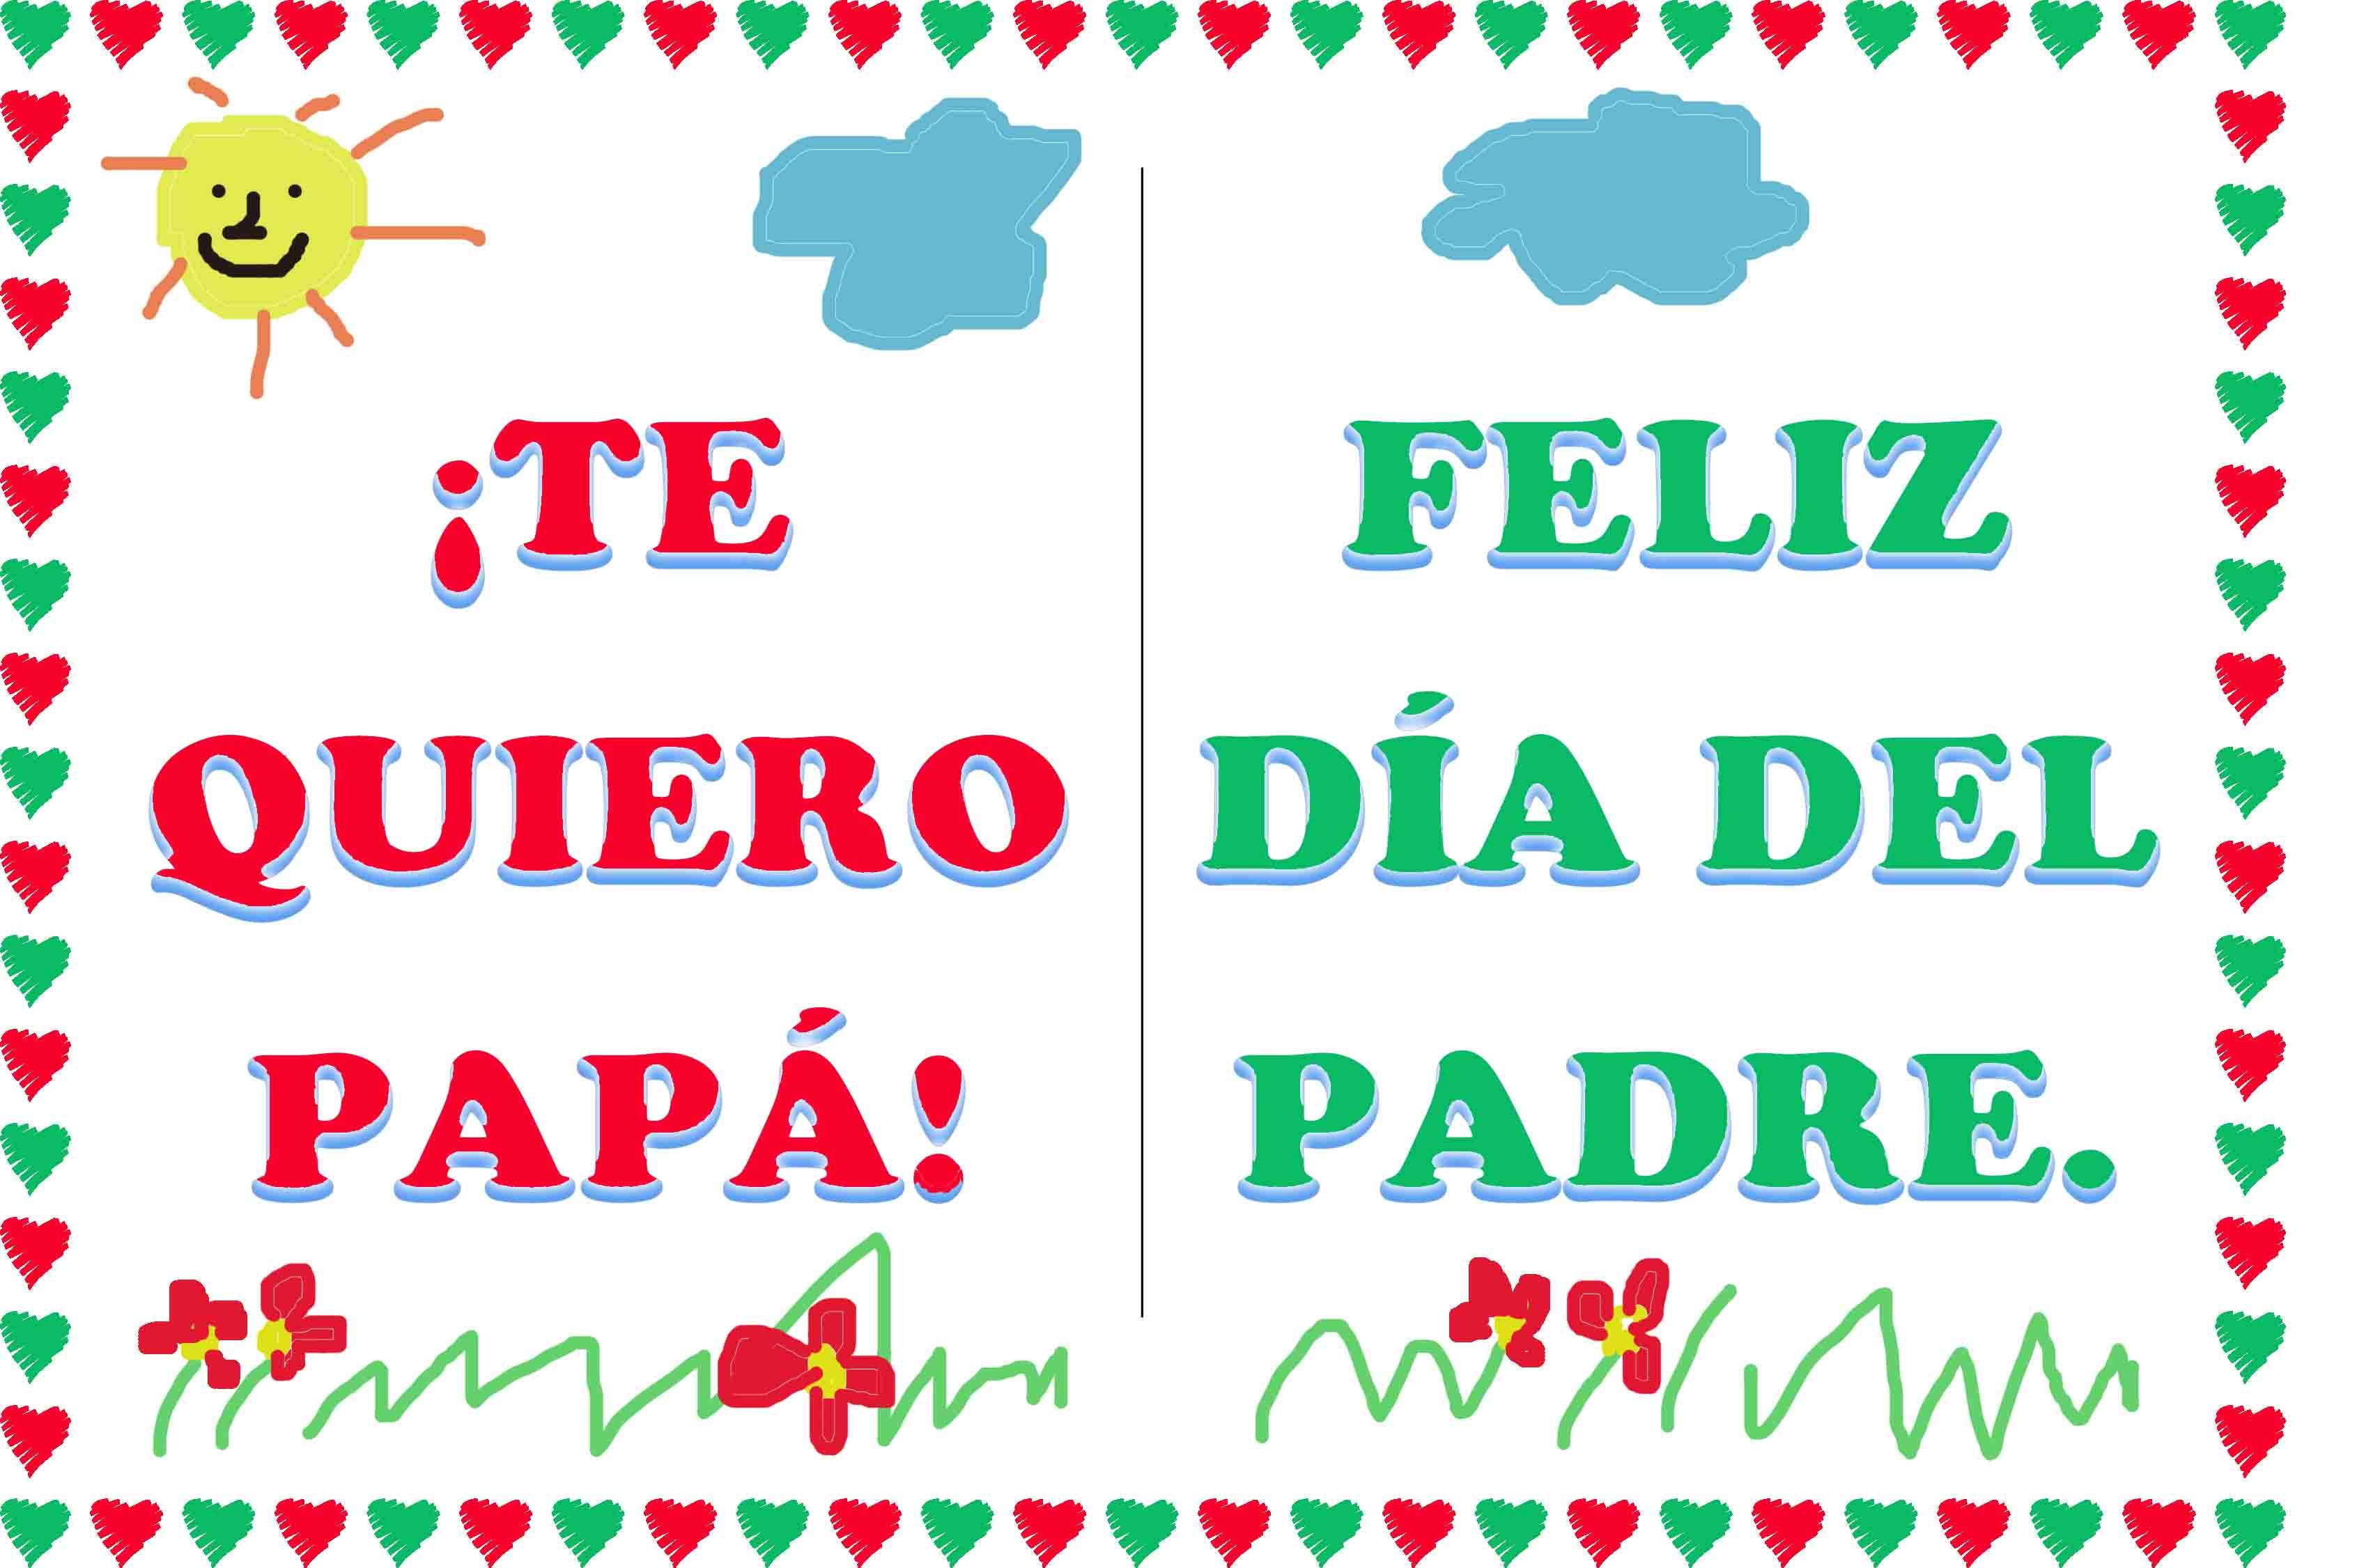 Tarjetas Del Dia Del Padre Para Imprimir Y Colorear